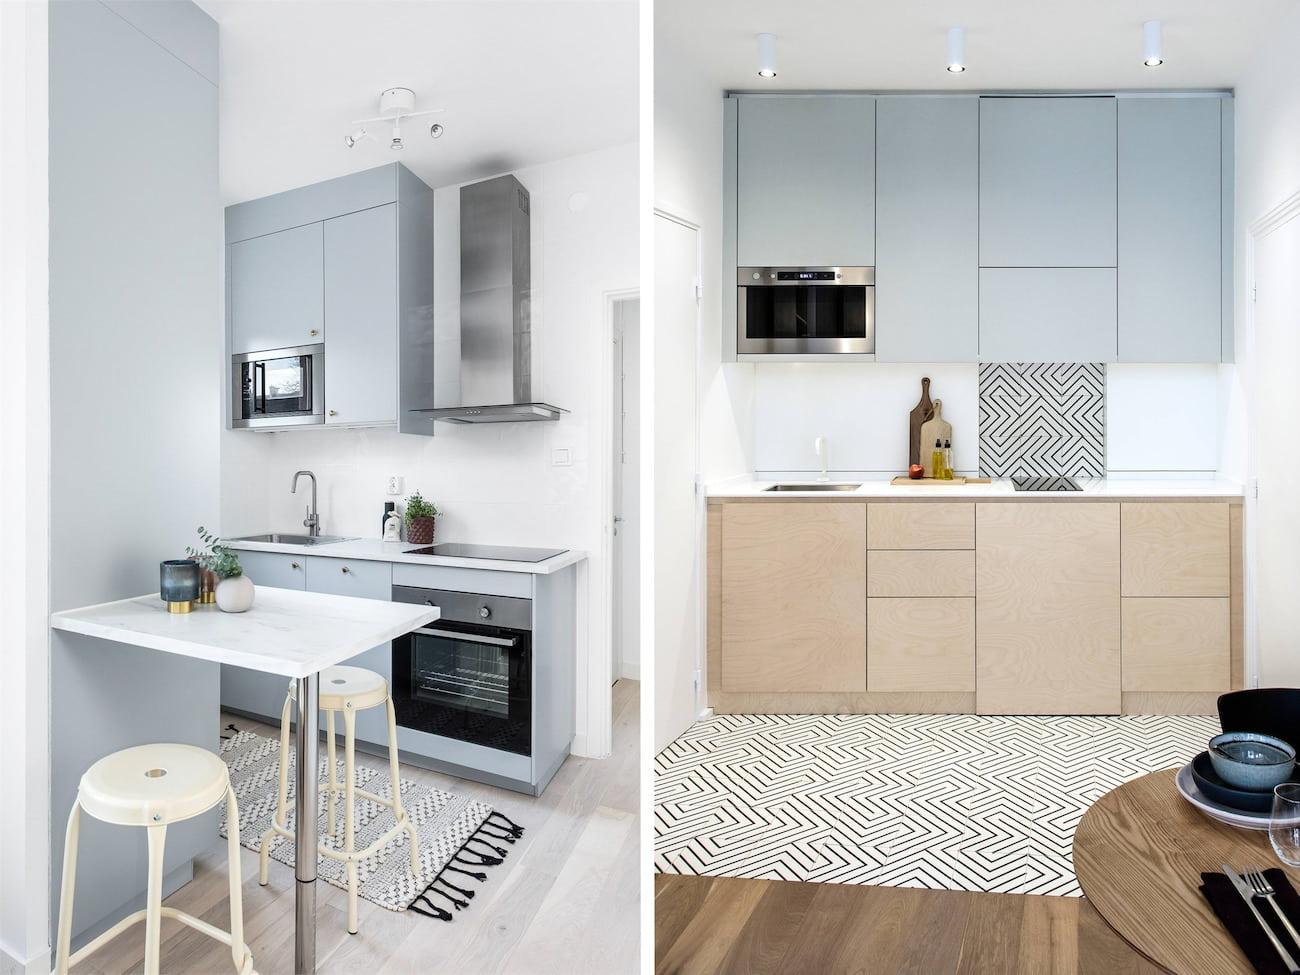 Модный и эргономичный дизайн кухонного помещения с прекрасно подобранным мебельным гарнитуром